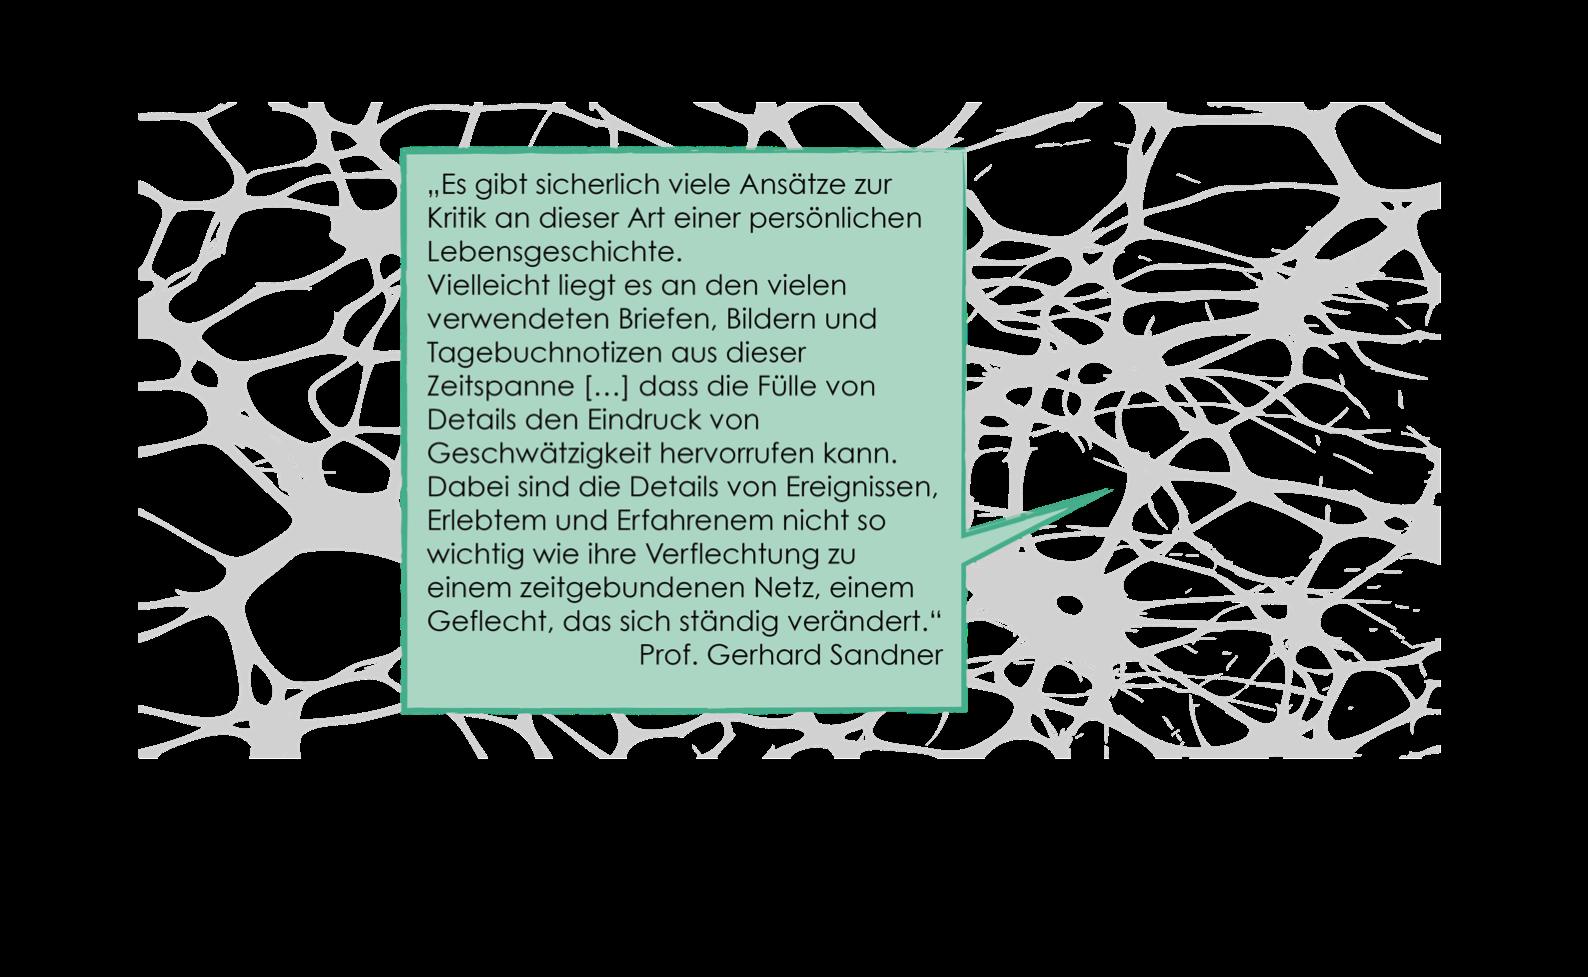 1_sprechblase-allein_klein.png